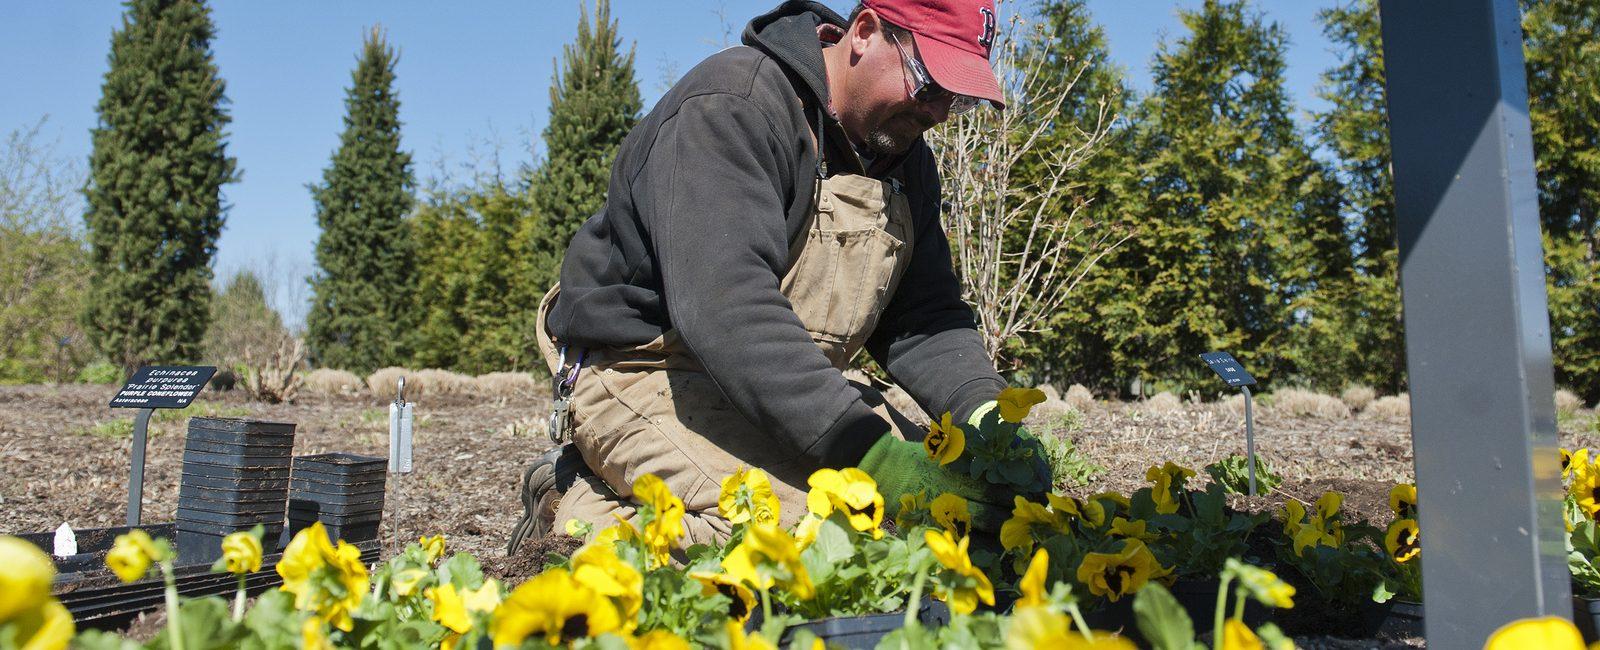 PA State U Arboretum worker planting flowers in springtime.